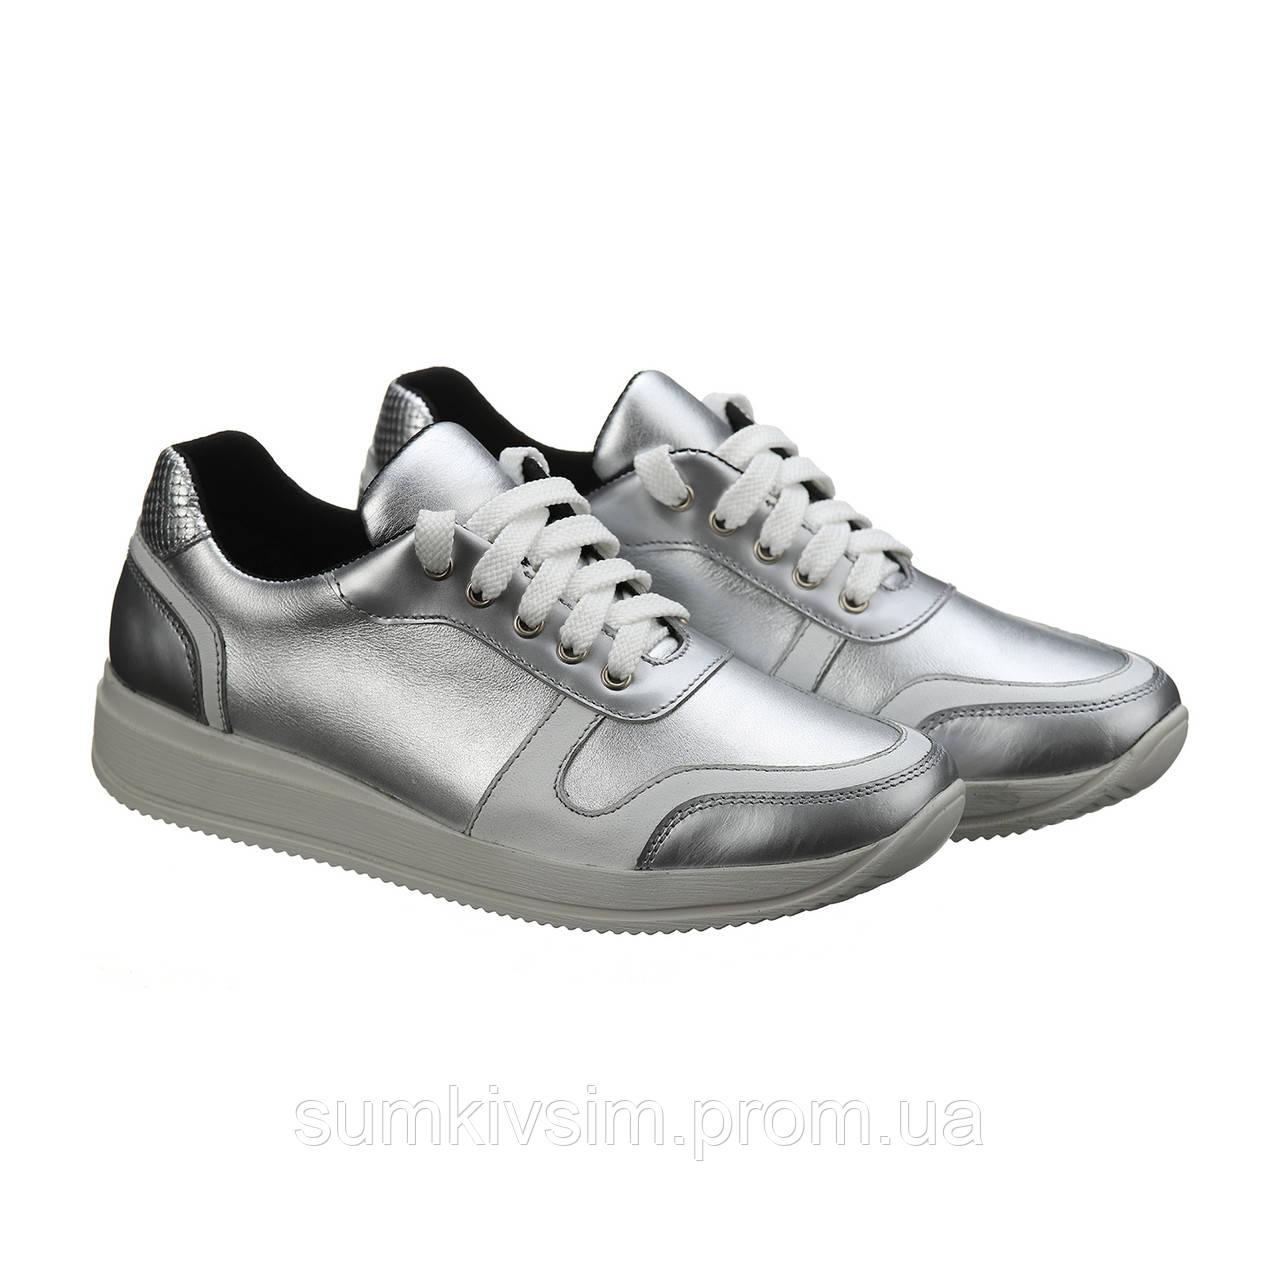 Серебряные кроссовки из натуральной кожи